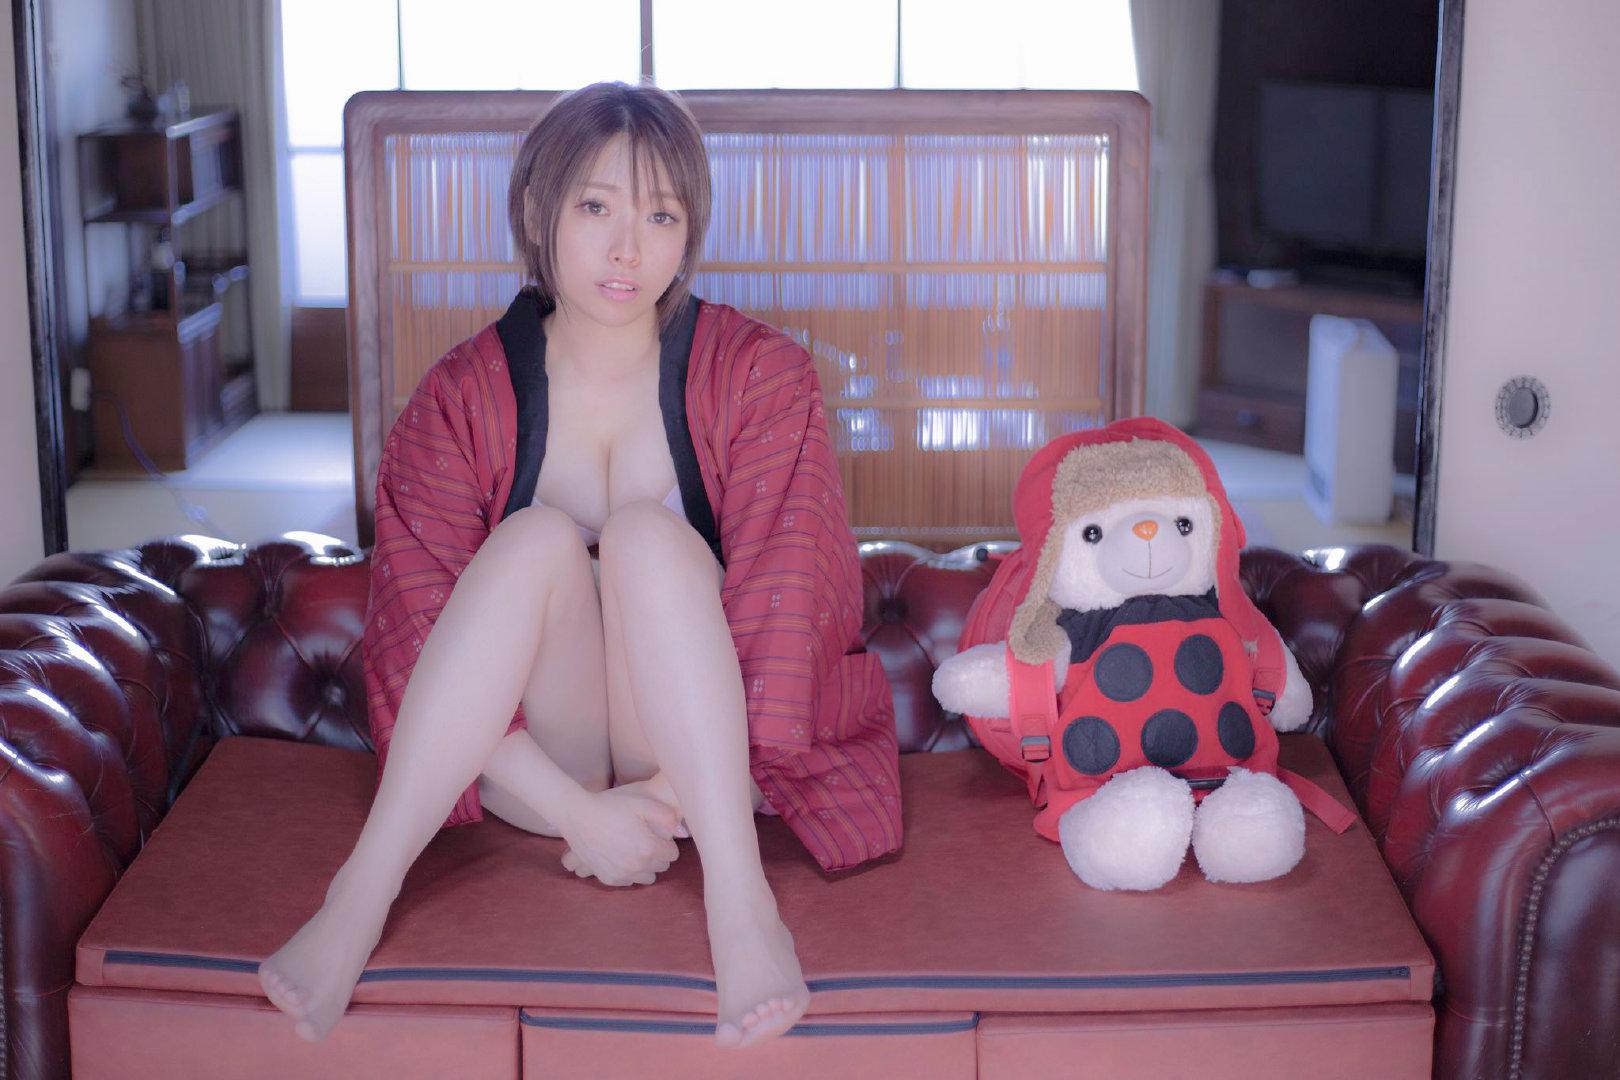 甜美樱花妹@shiinakira ,日系淡淡的性感值得好好品味!【www.coserba.com整理发布】